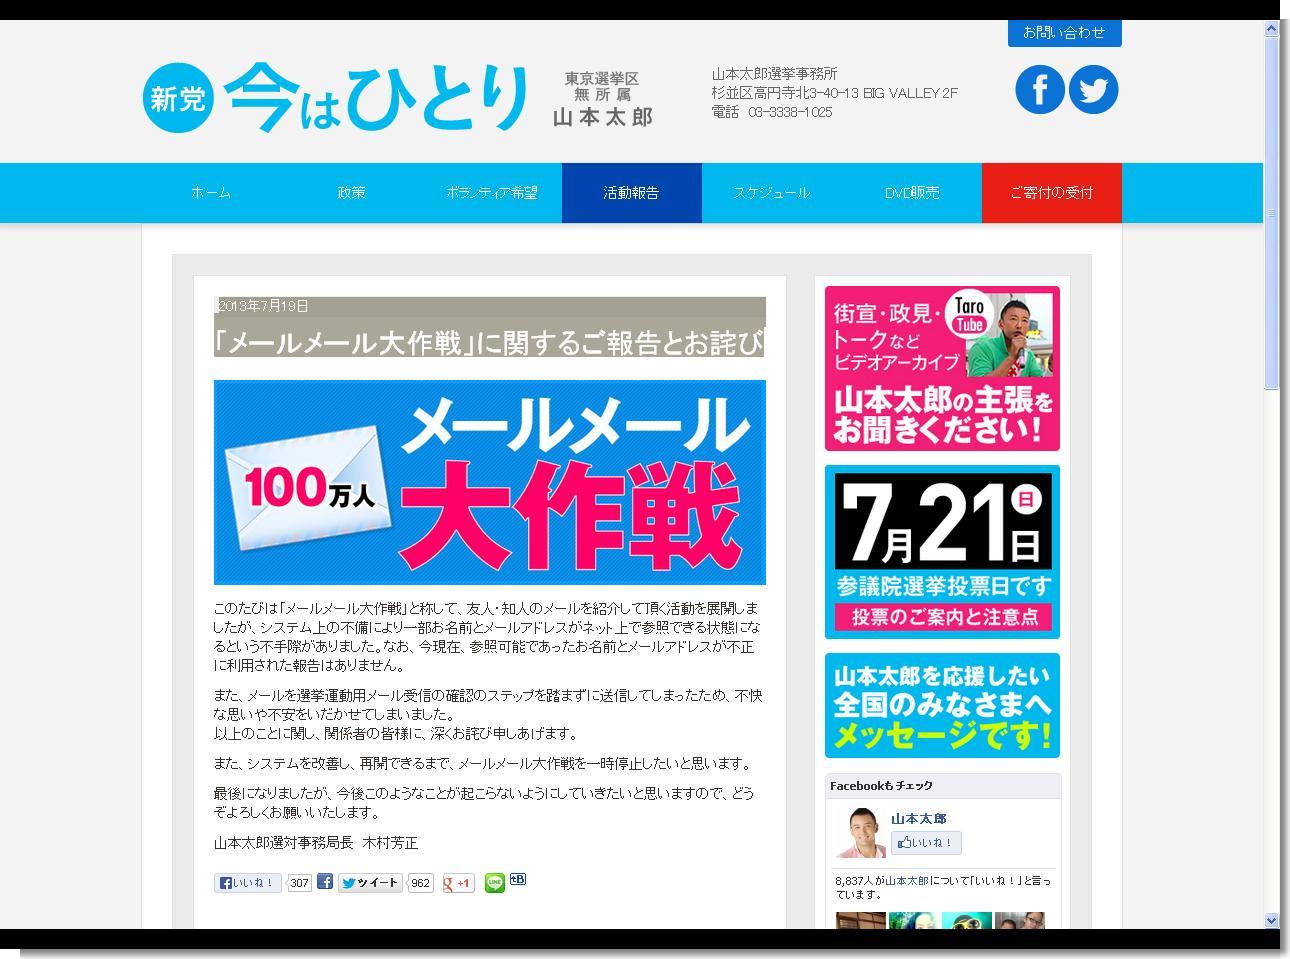 「メールメール大作戦」に関するご報告とお詫び 新党 今はひとり – 山本太郎オフィシャルホームページ -